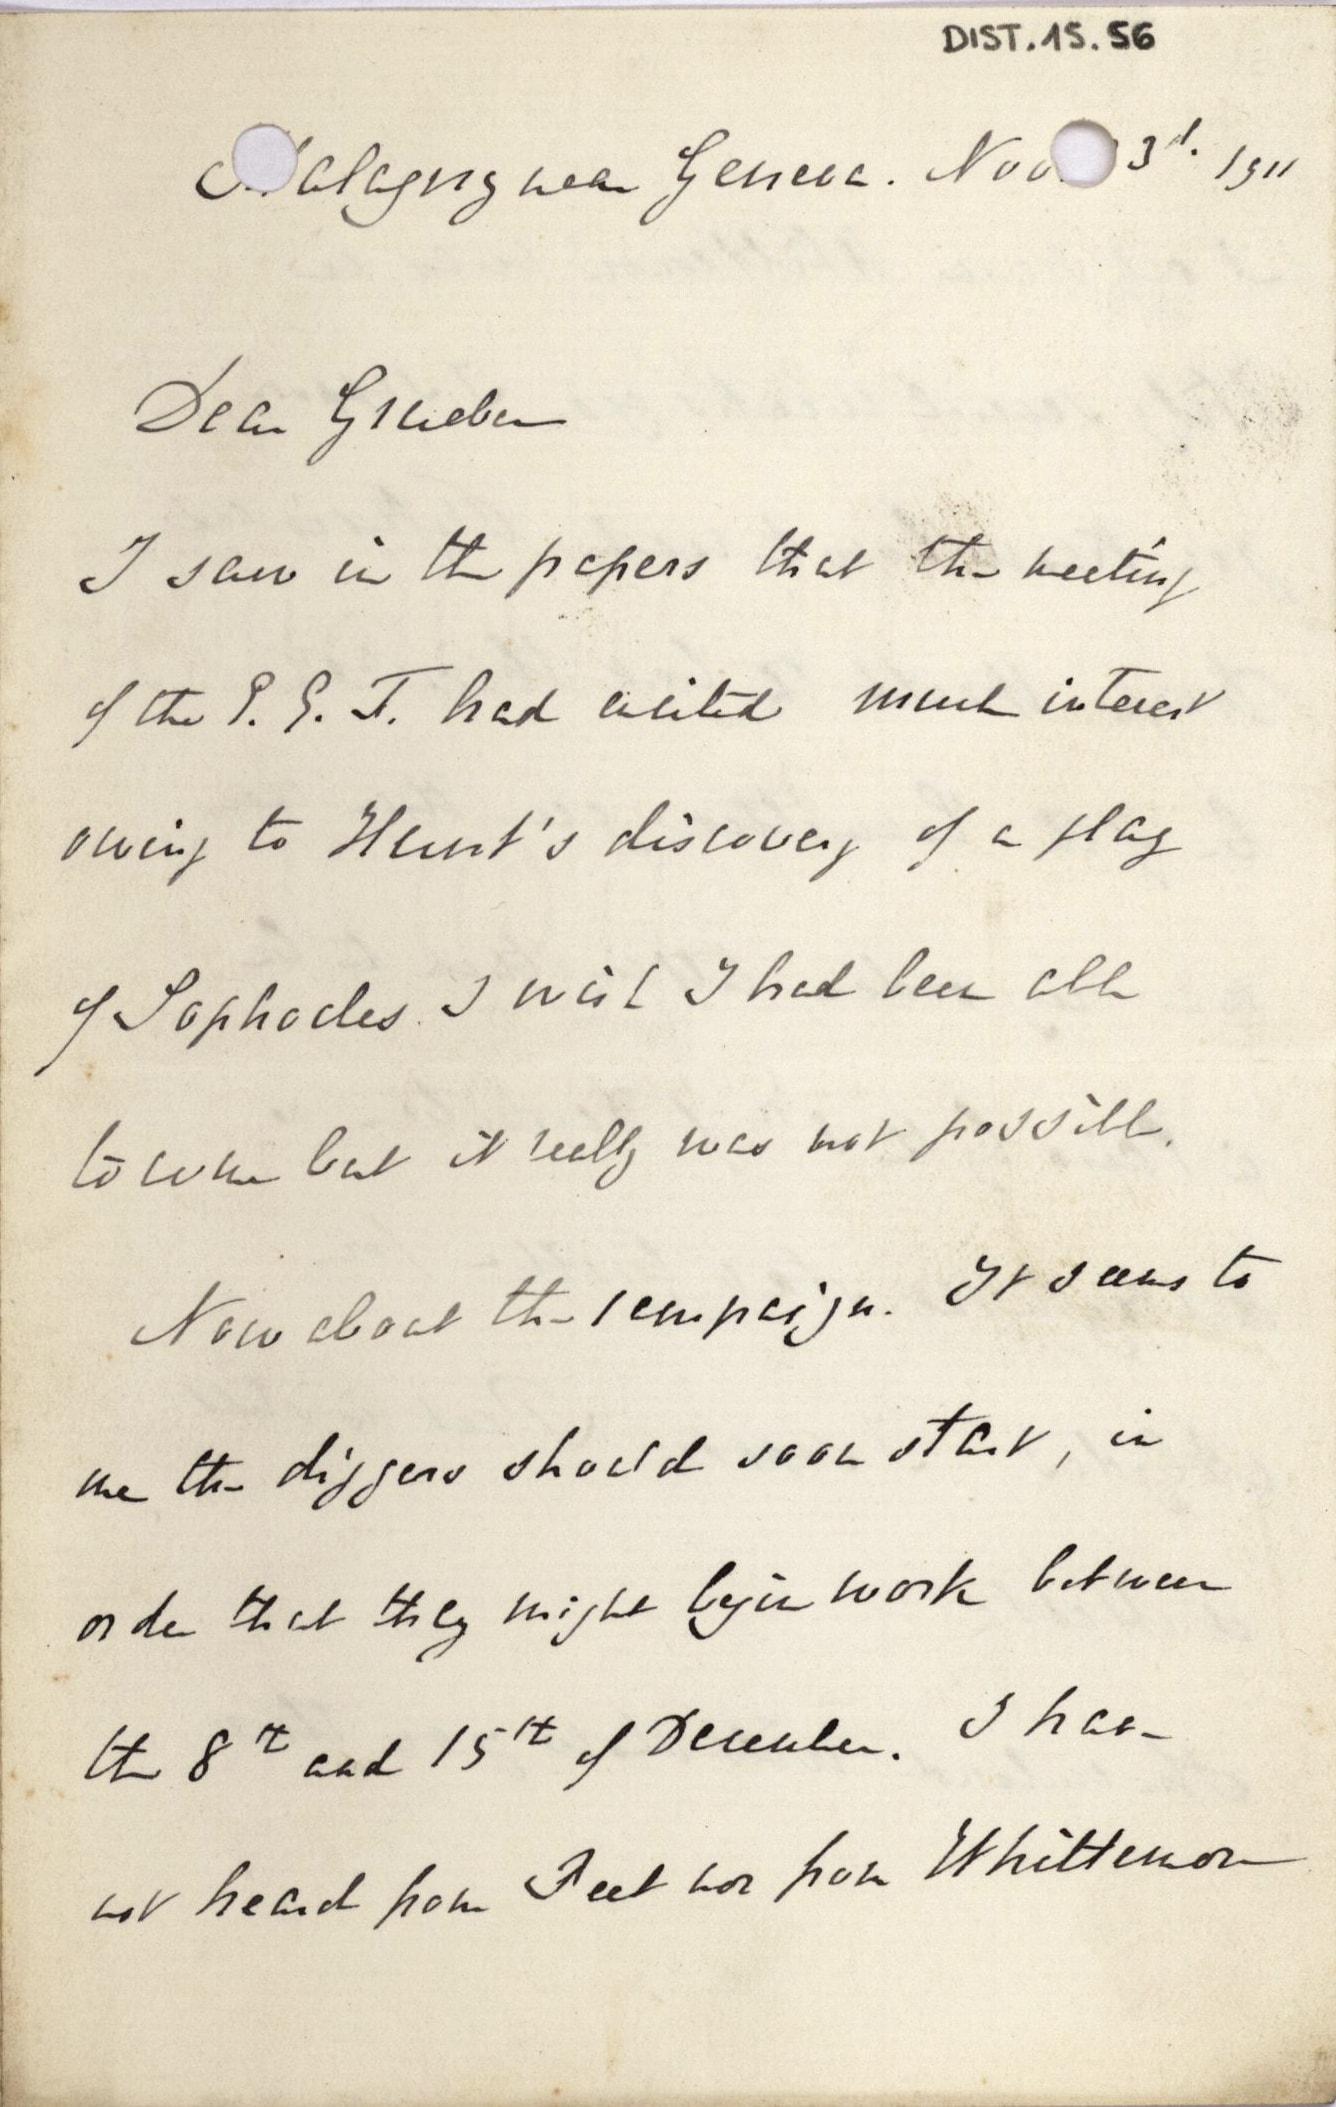 1884-1915 Oxyrhynchus, Faiyum, el-Hibeh, Atfieh, el-Sheikh Ibada DIST.15.56a